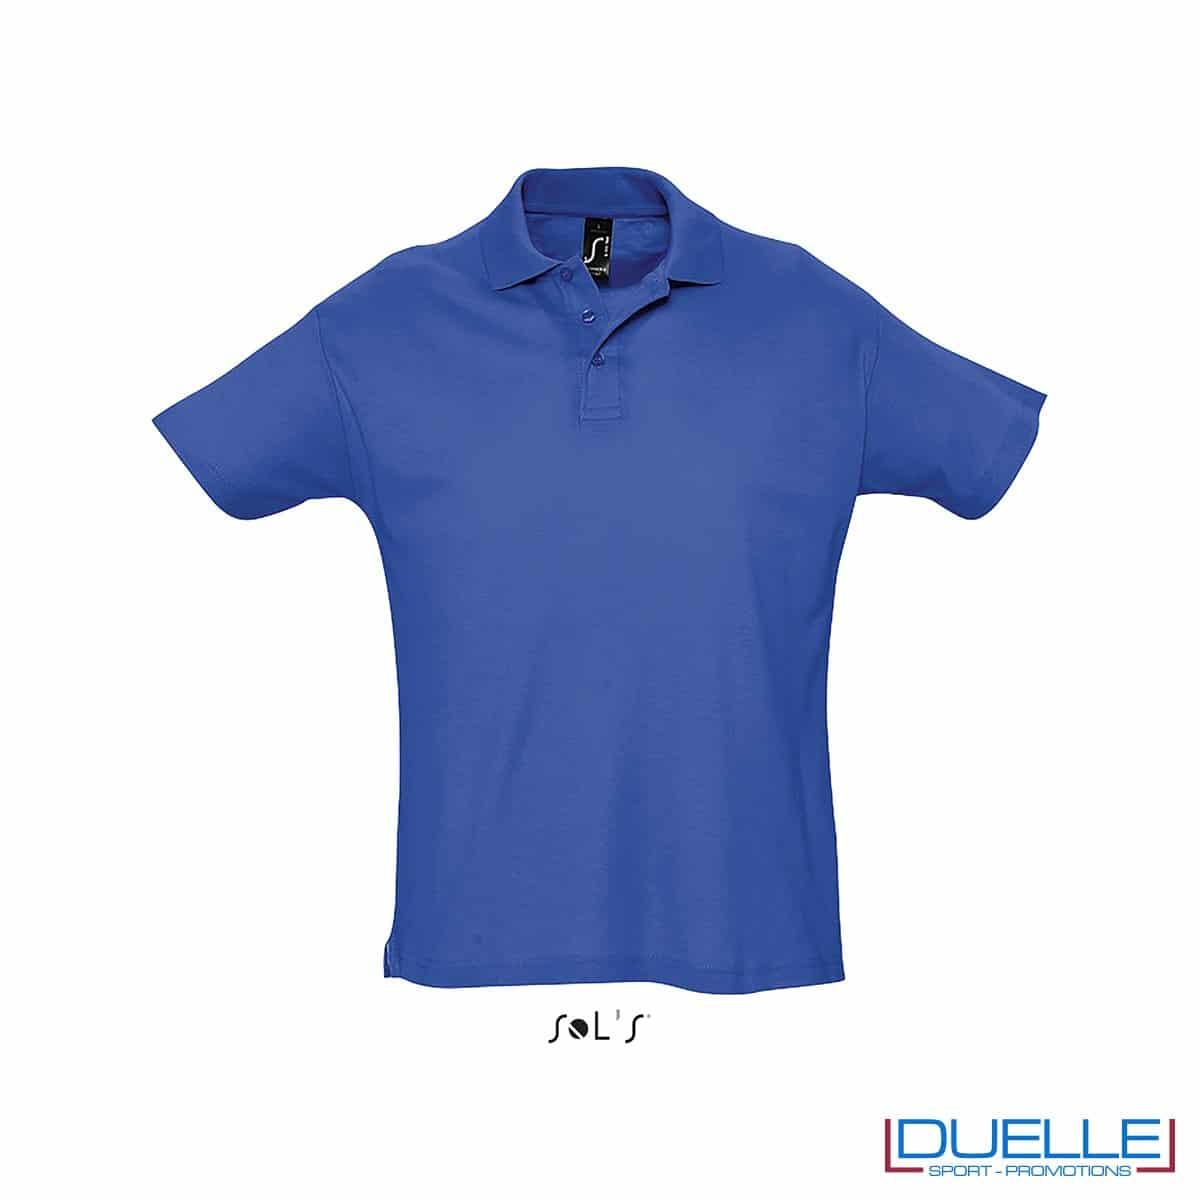 polo personalizzata colore blu royal, polo piquet personalizzata